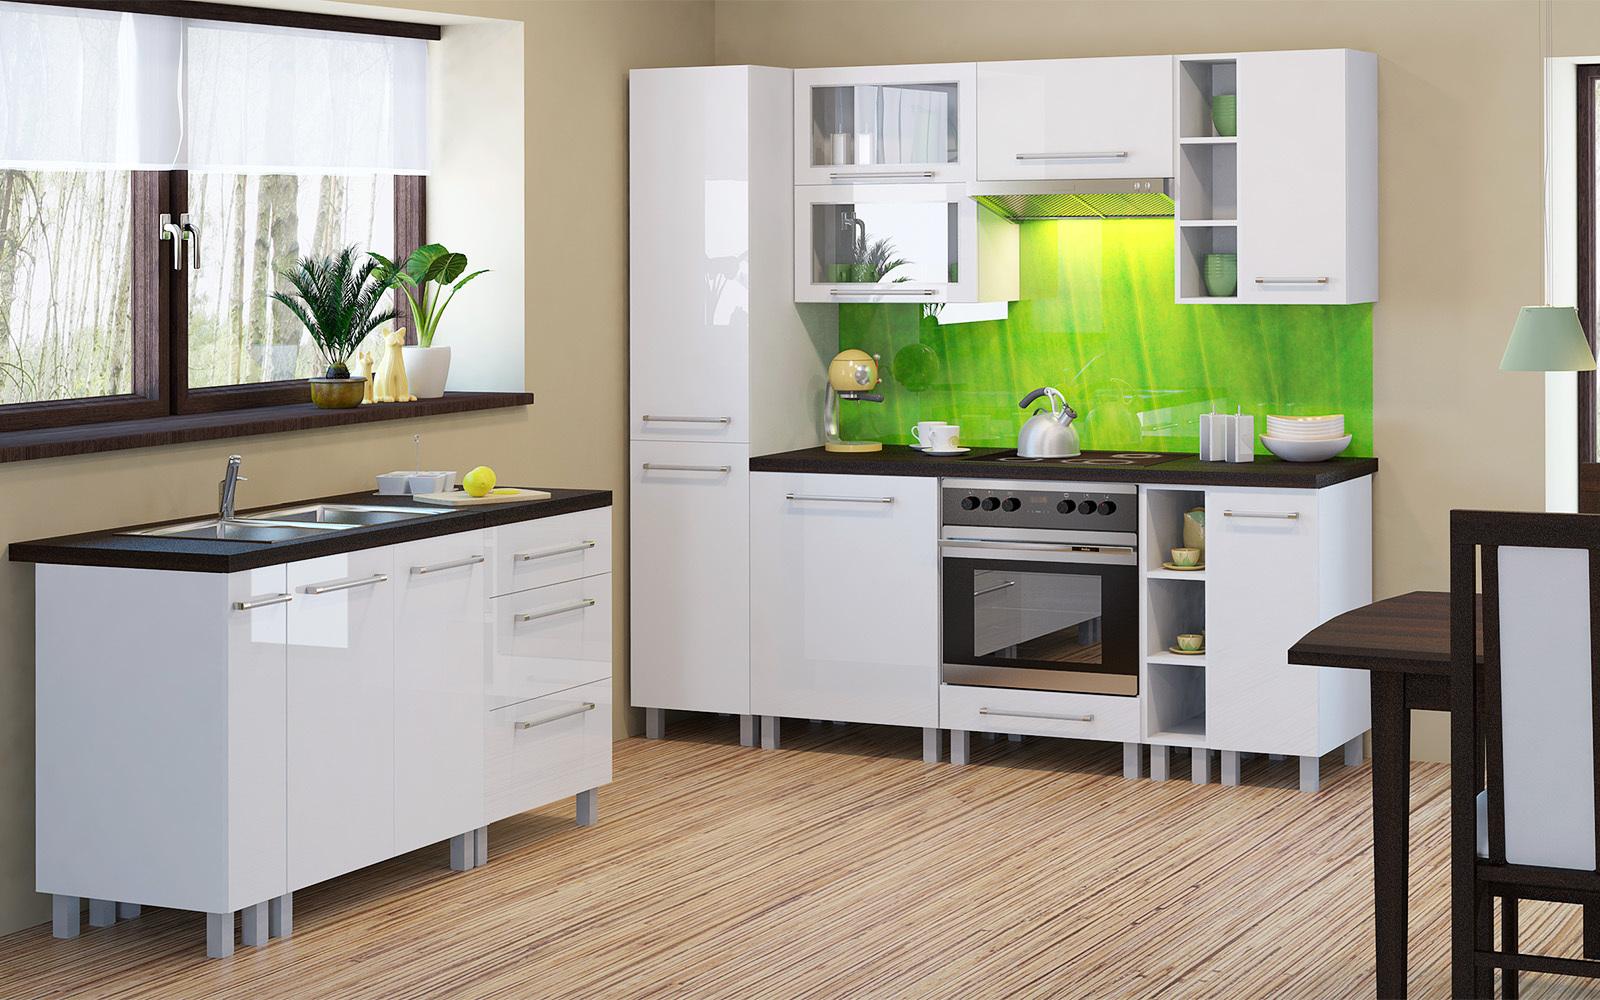 Full Size of Einlegeböden Küche Ikea Einlegeböden Küche Glas Nolte Einlegeböden Küche Einlegeboden Küche Küche Einlegeböden Küche